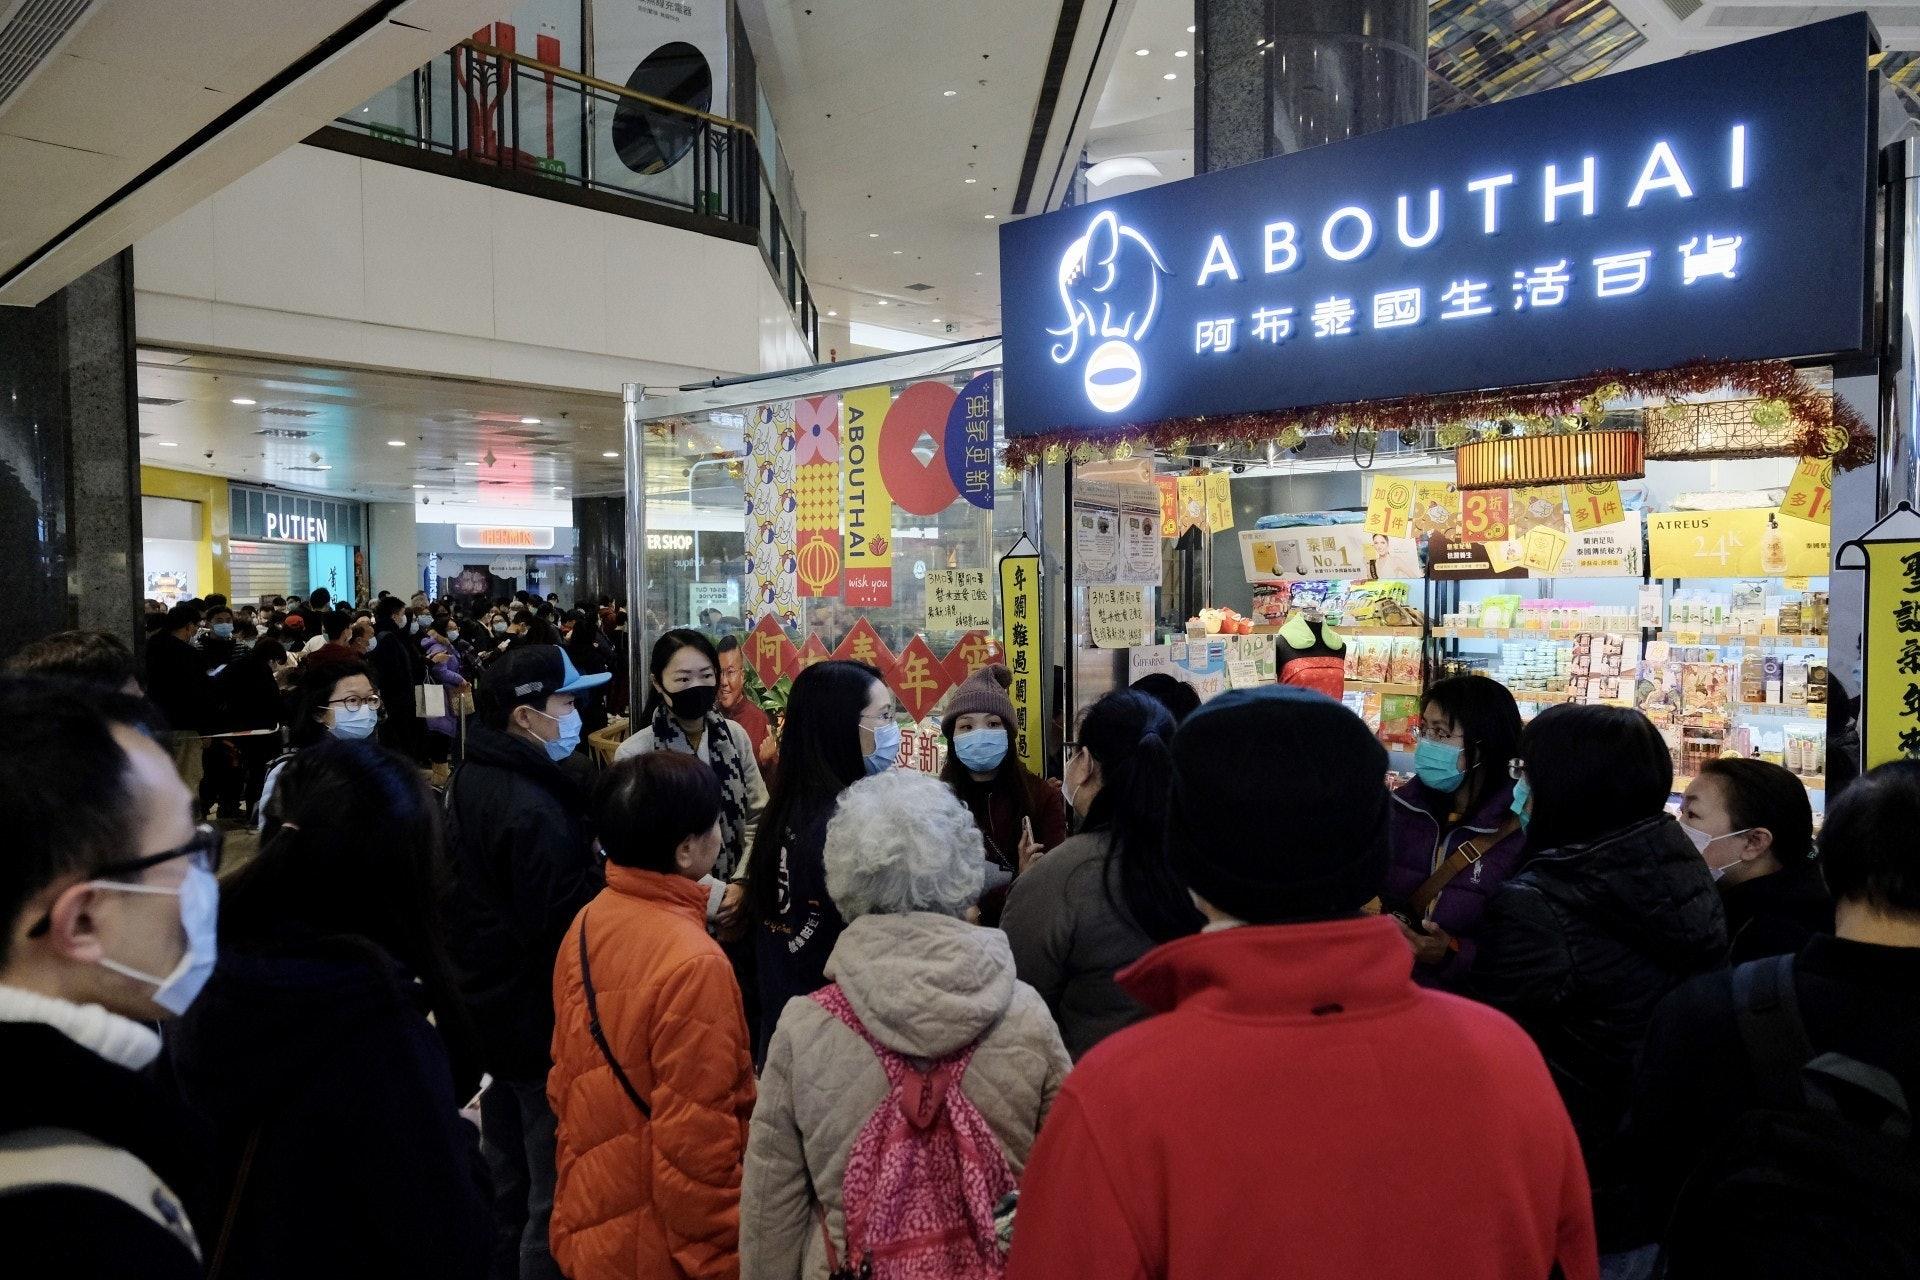 反修例風波中被列為「黃店」的阿布泰國生活百貨領取補貼137萬元。(資料圖片)